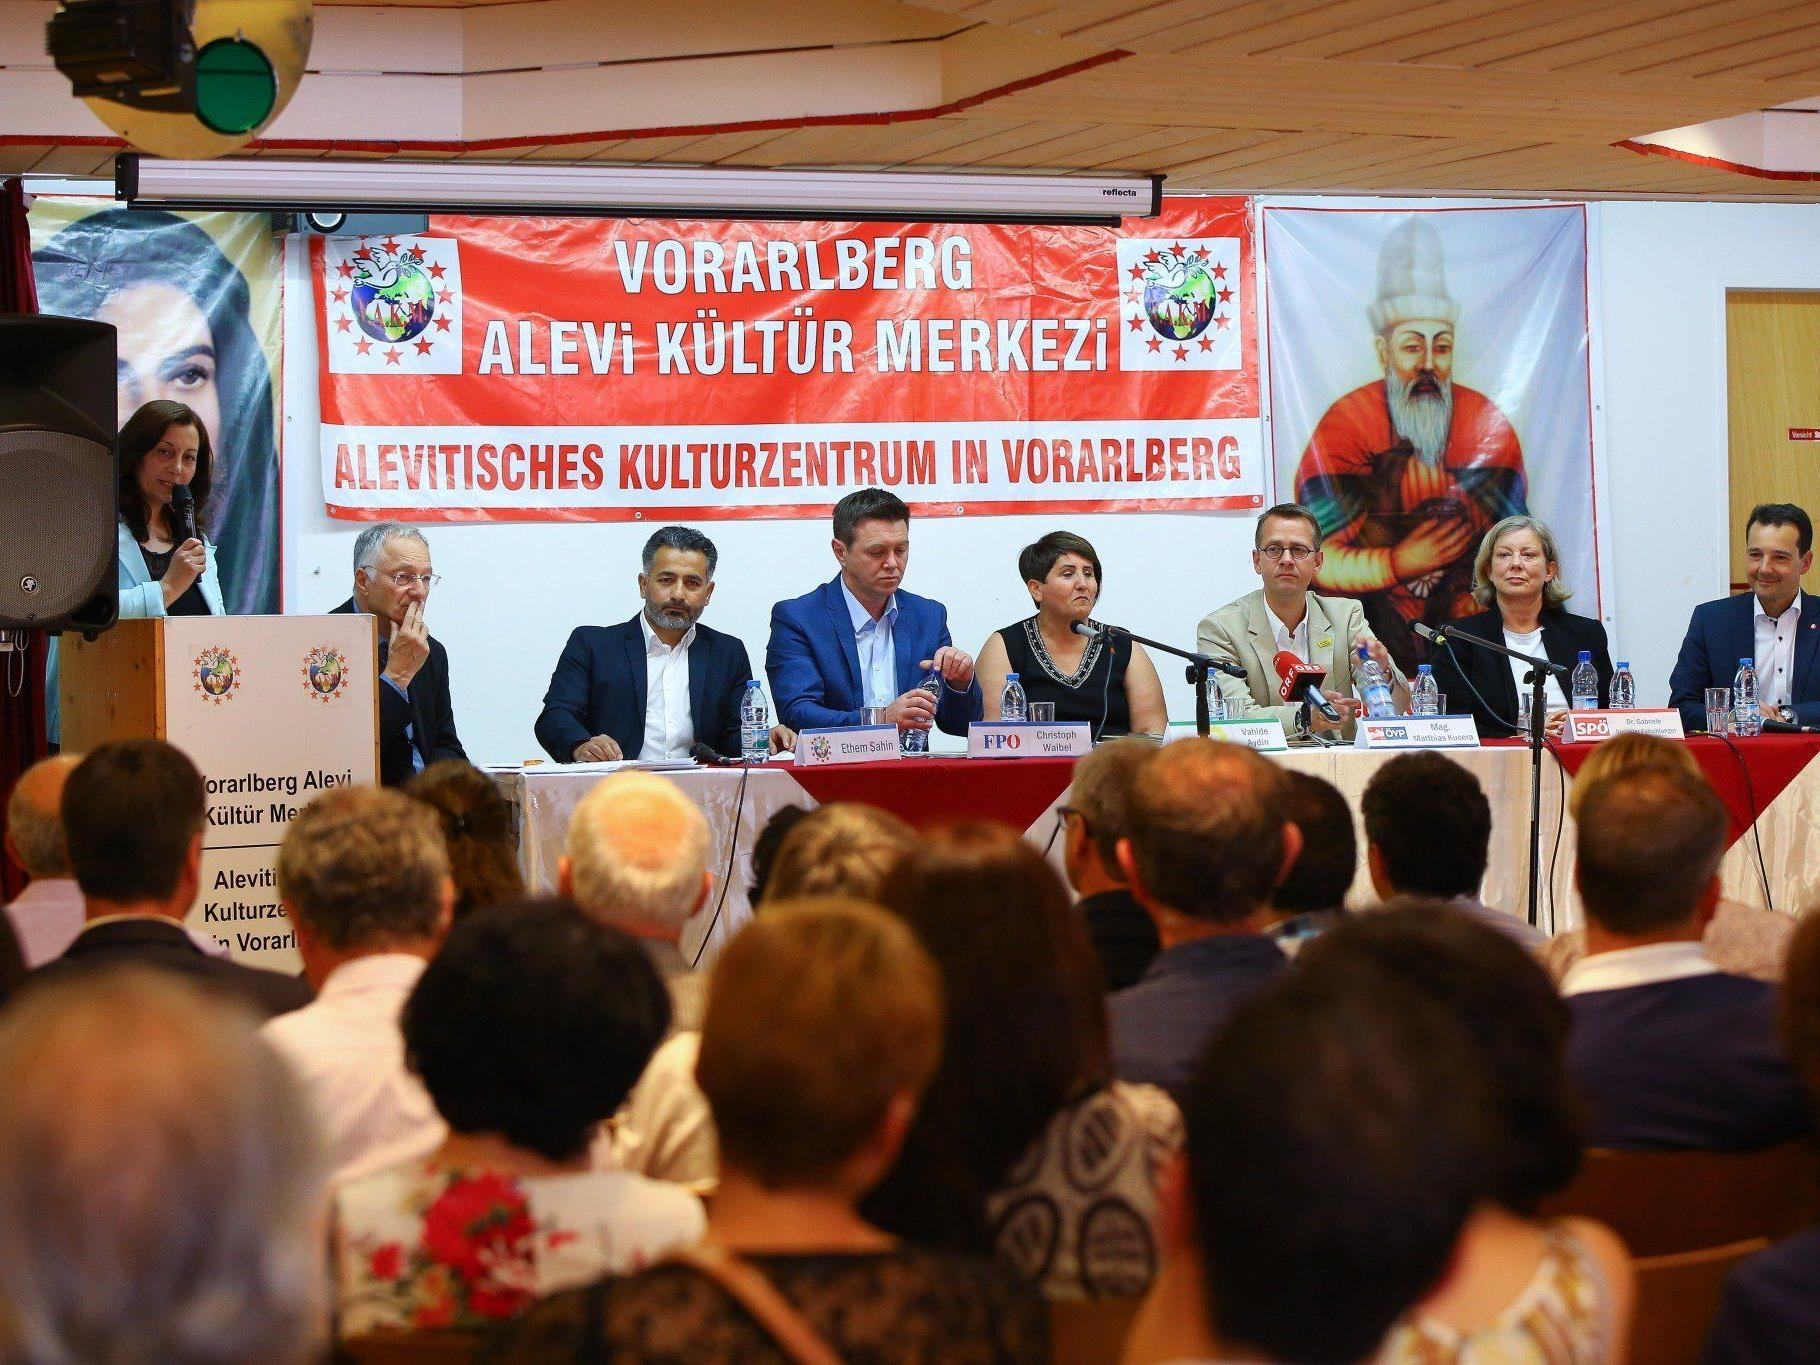 Im Alevitischen Kulturzentrum diskutierten die Parteienvertreter über Perspektiven von Migrantenkindern.